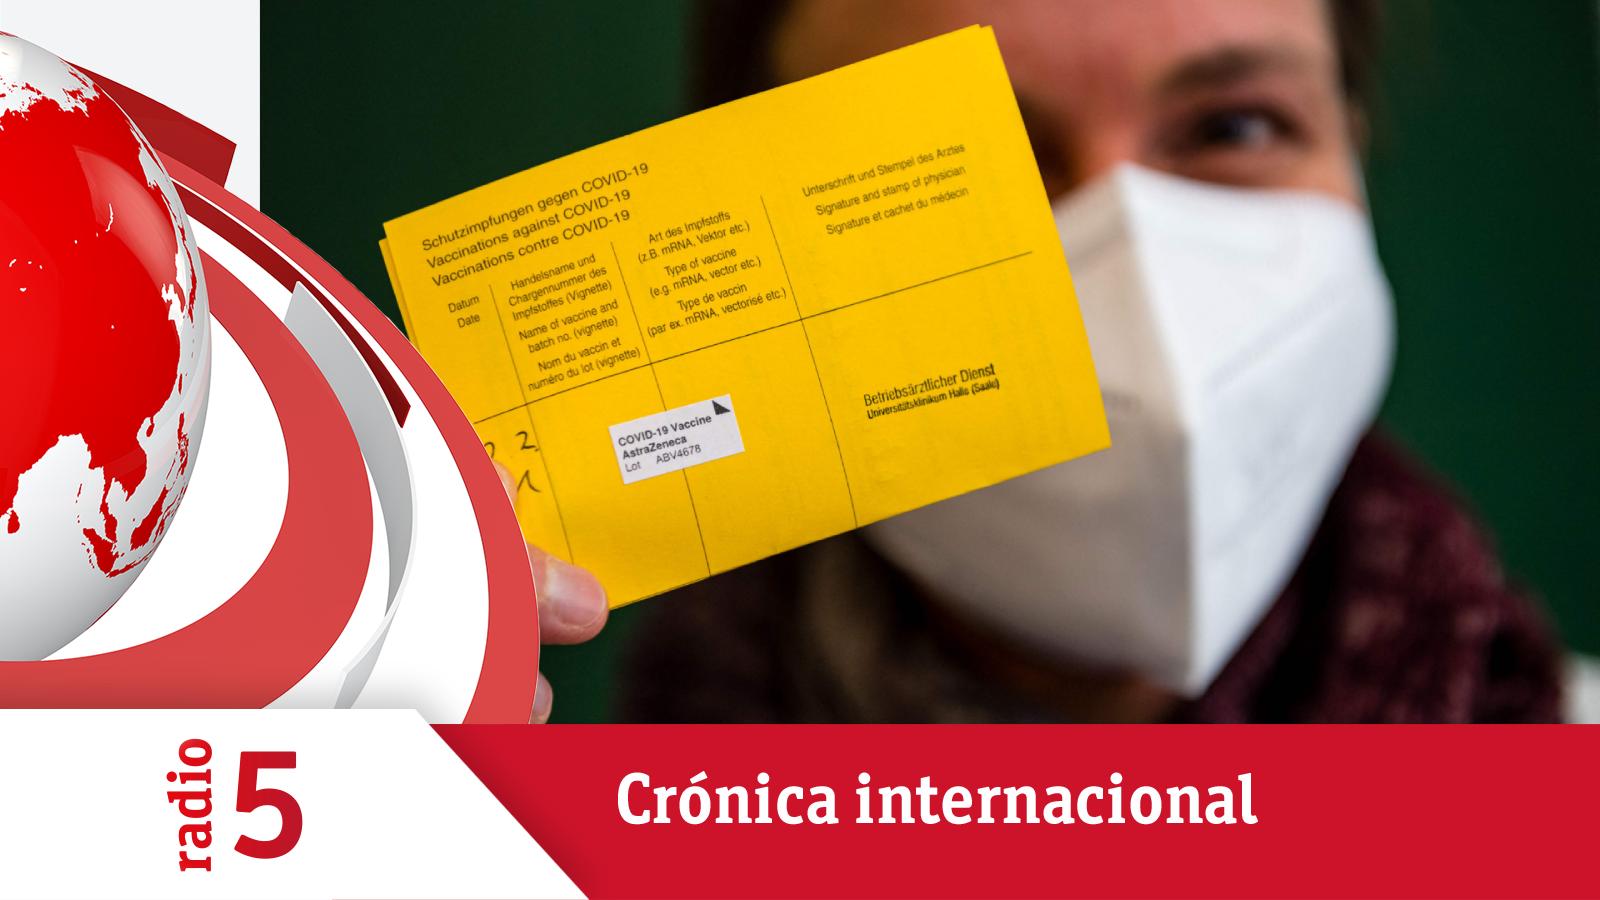 Crónica Internacional - El certificado de vacunación de la UE, pasaporte para viajar - Escuchar ahora